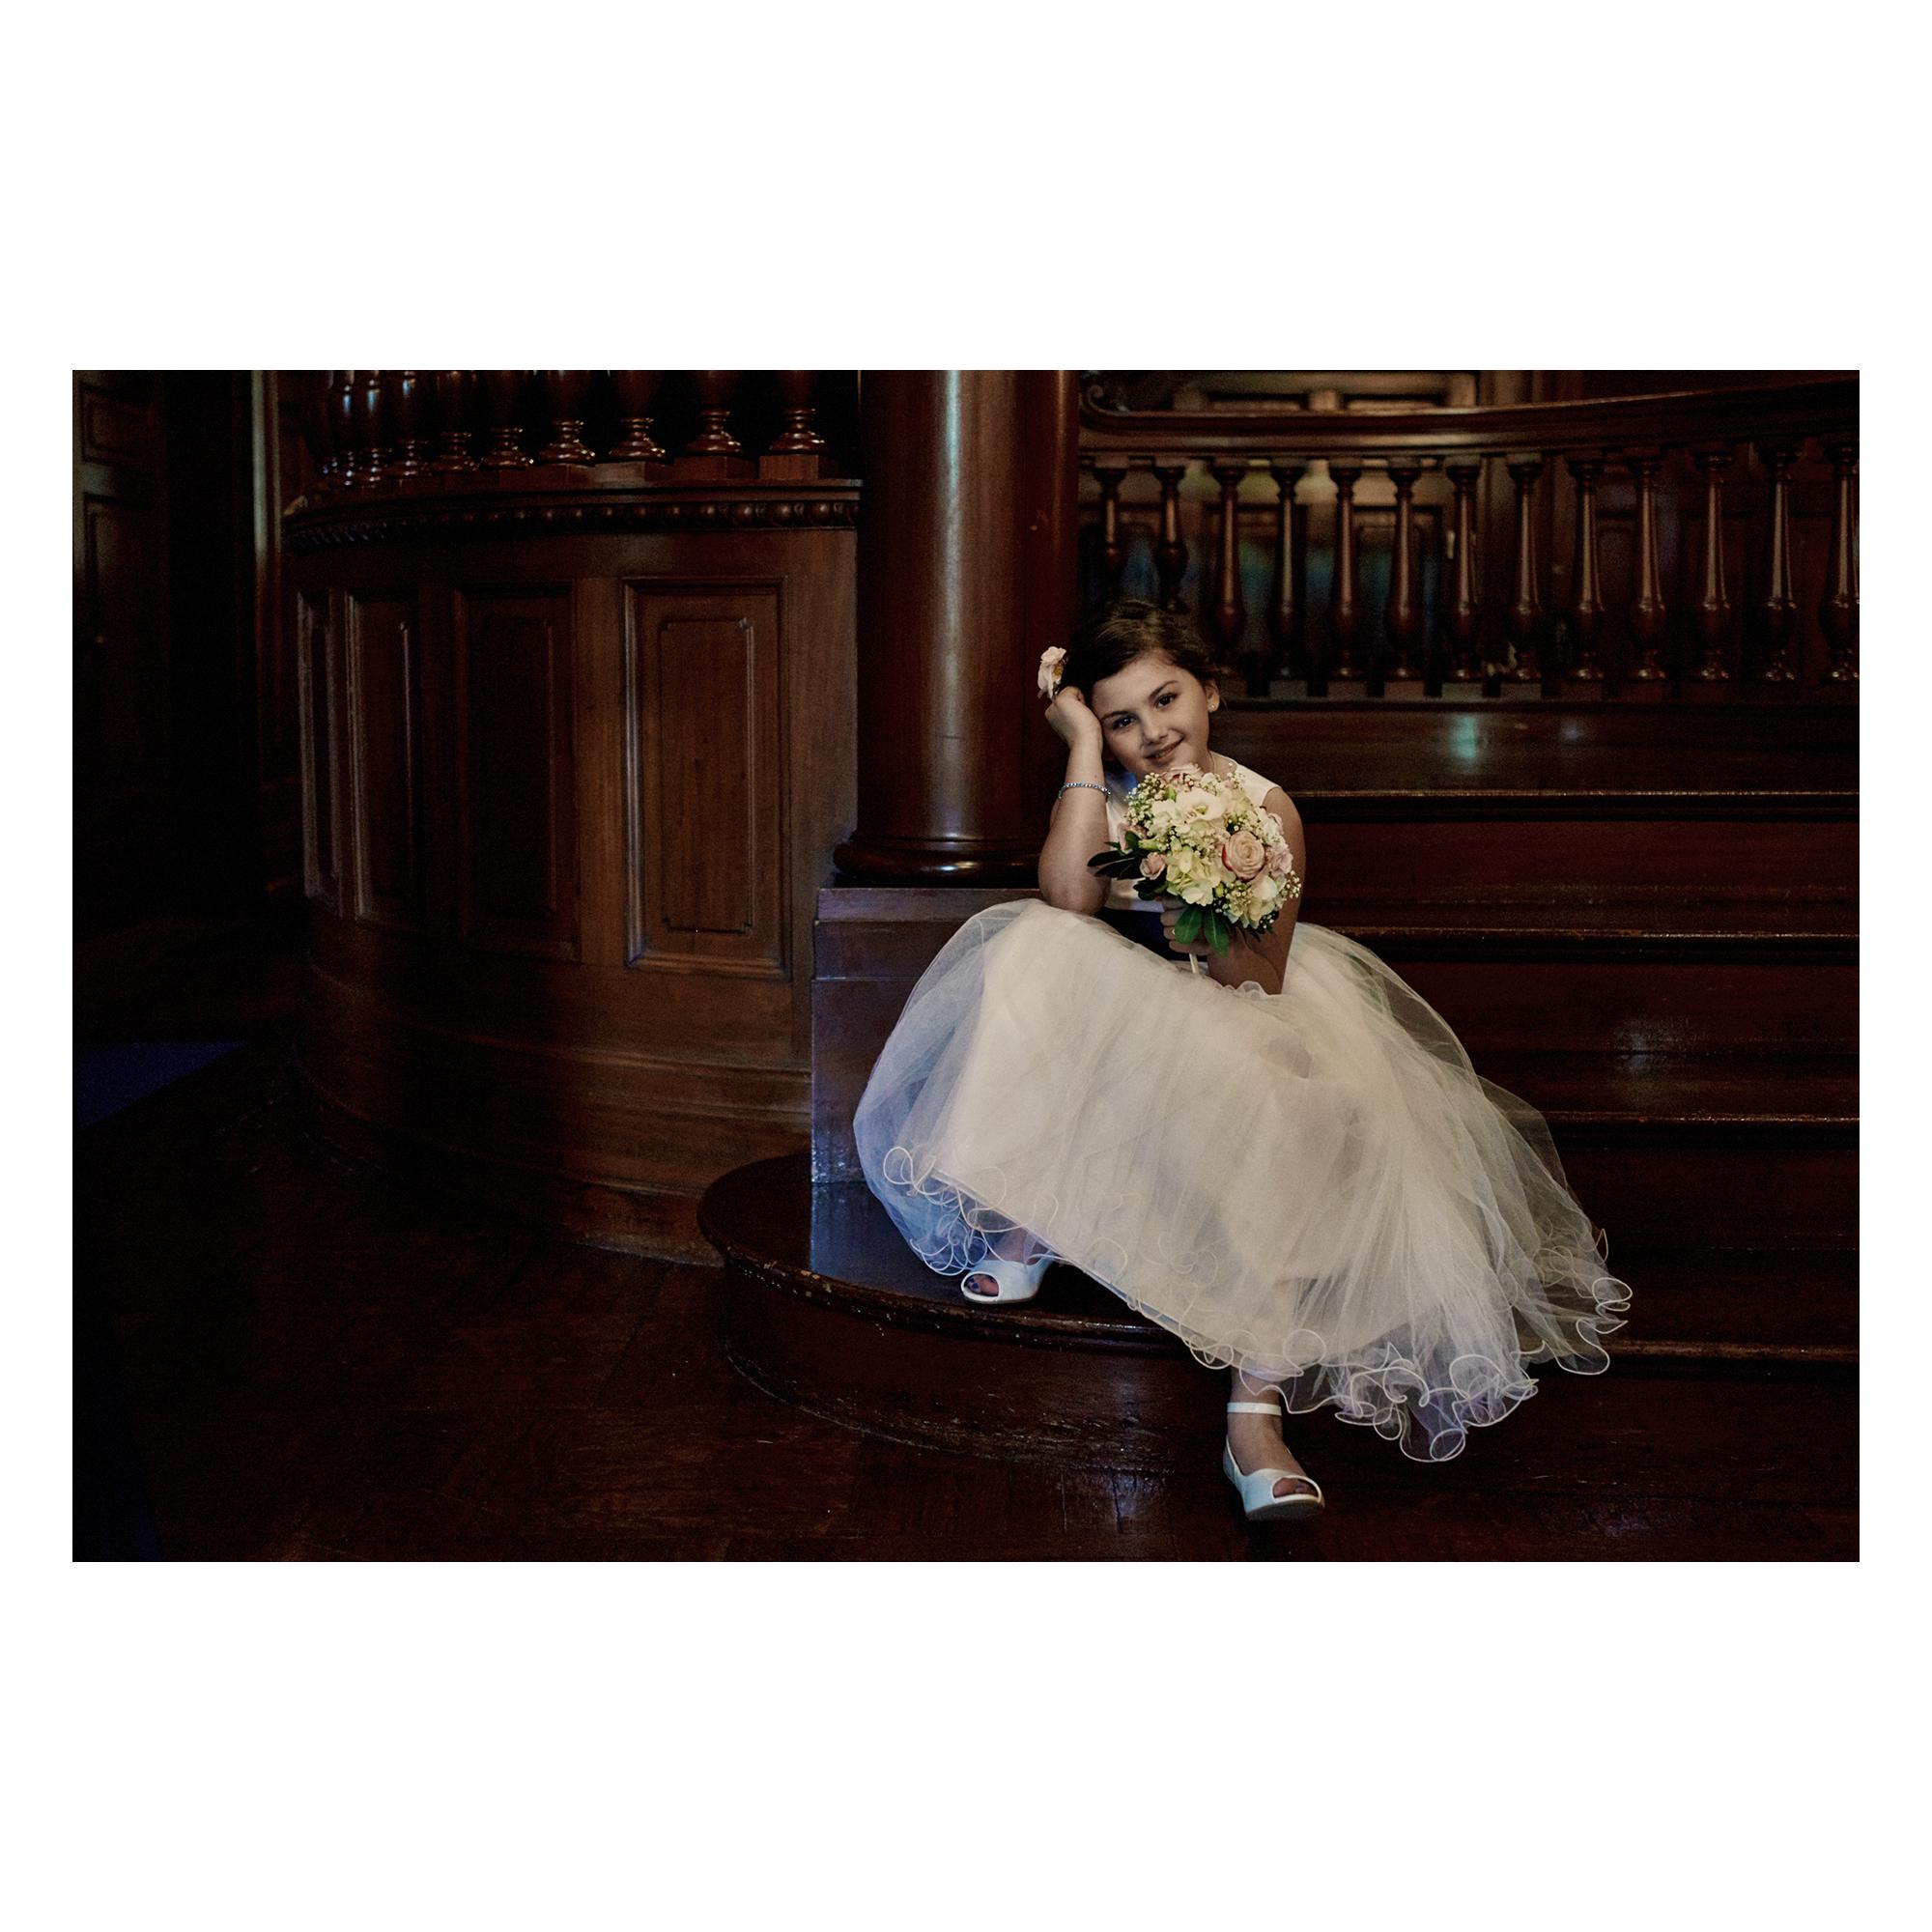 Flower girl on steps before wedding ceremony